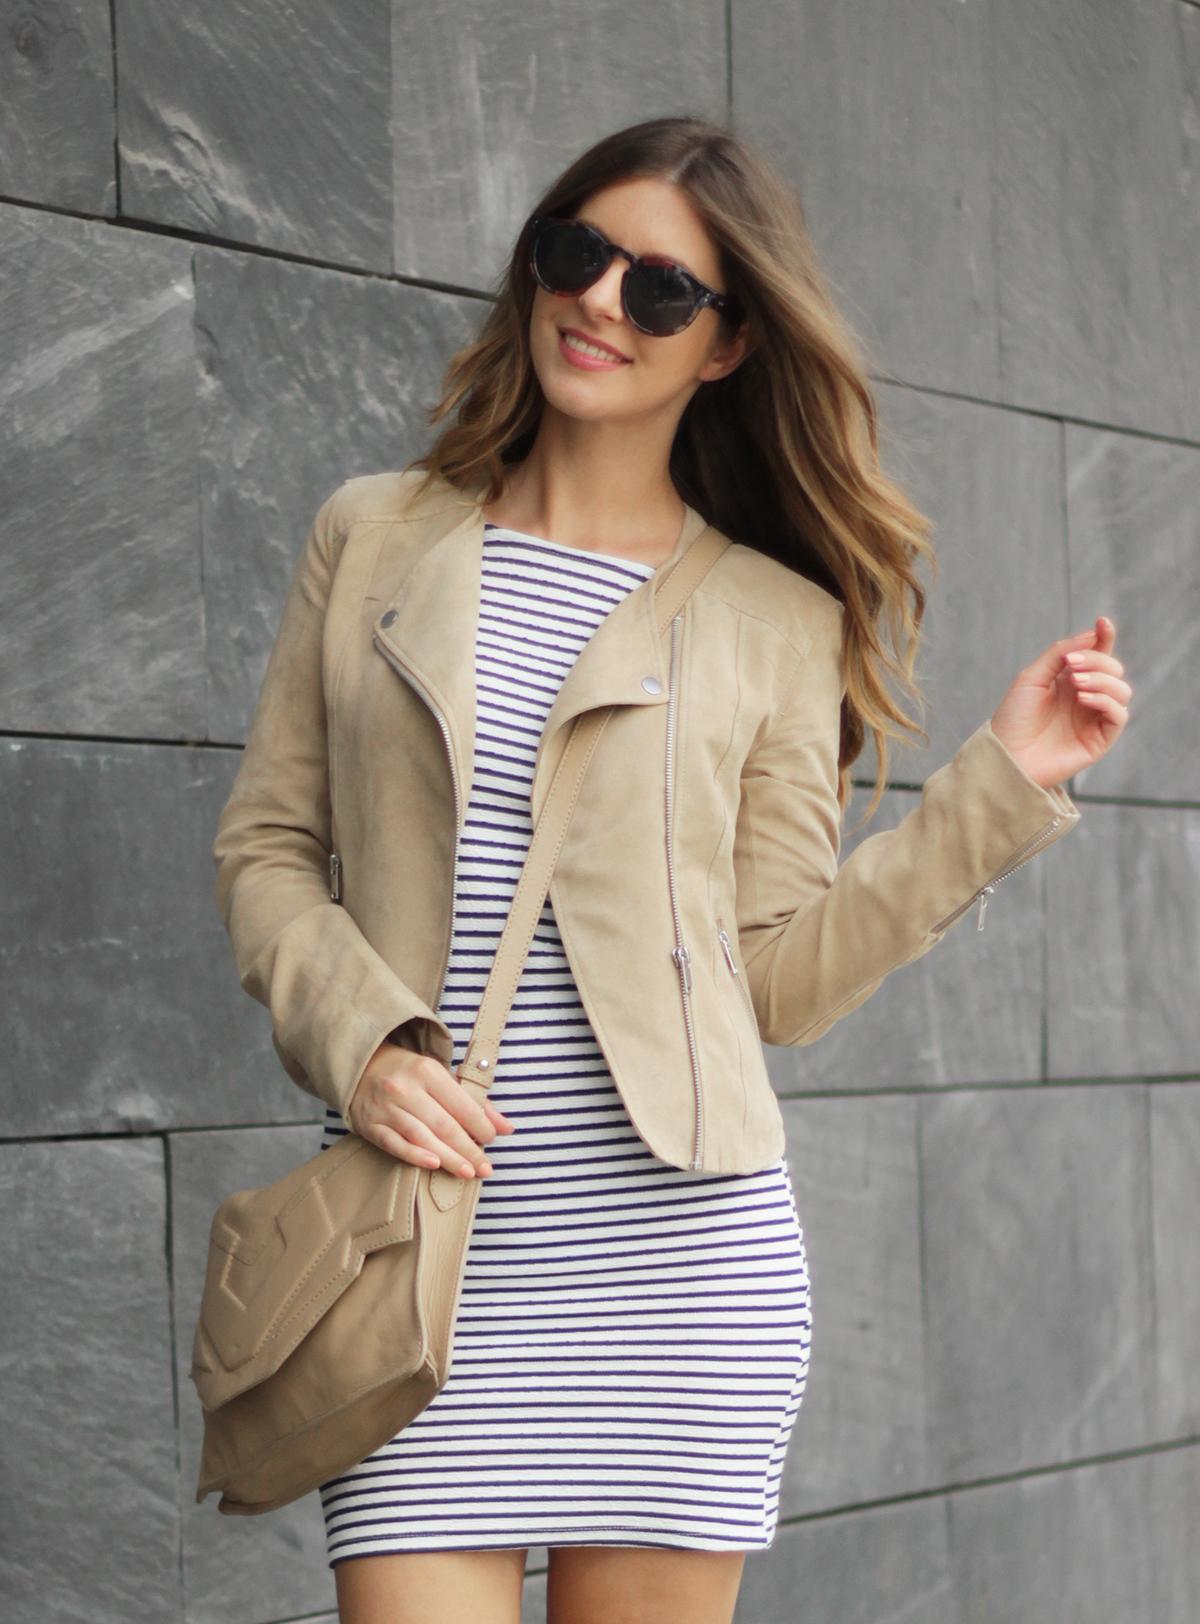 beautyressort-outfit-gestreiftes kleid-beige lederjacke-18